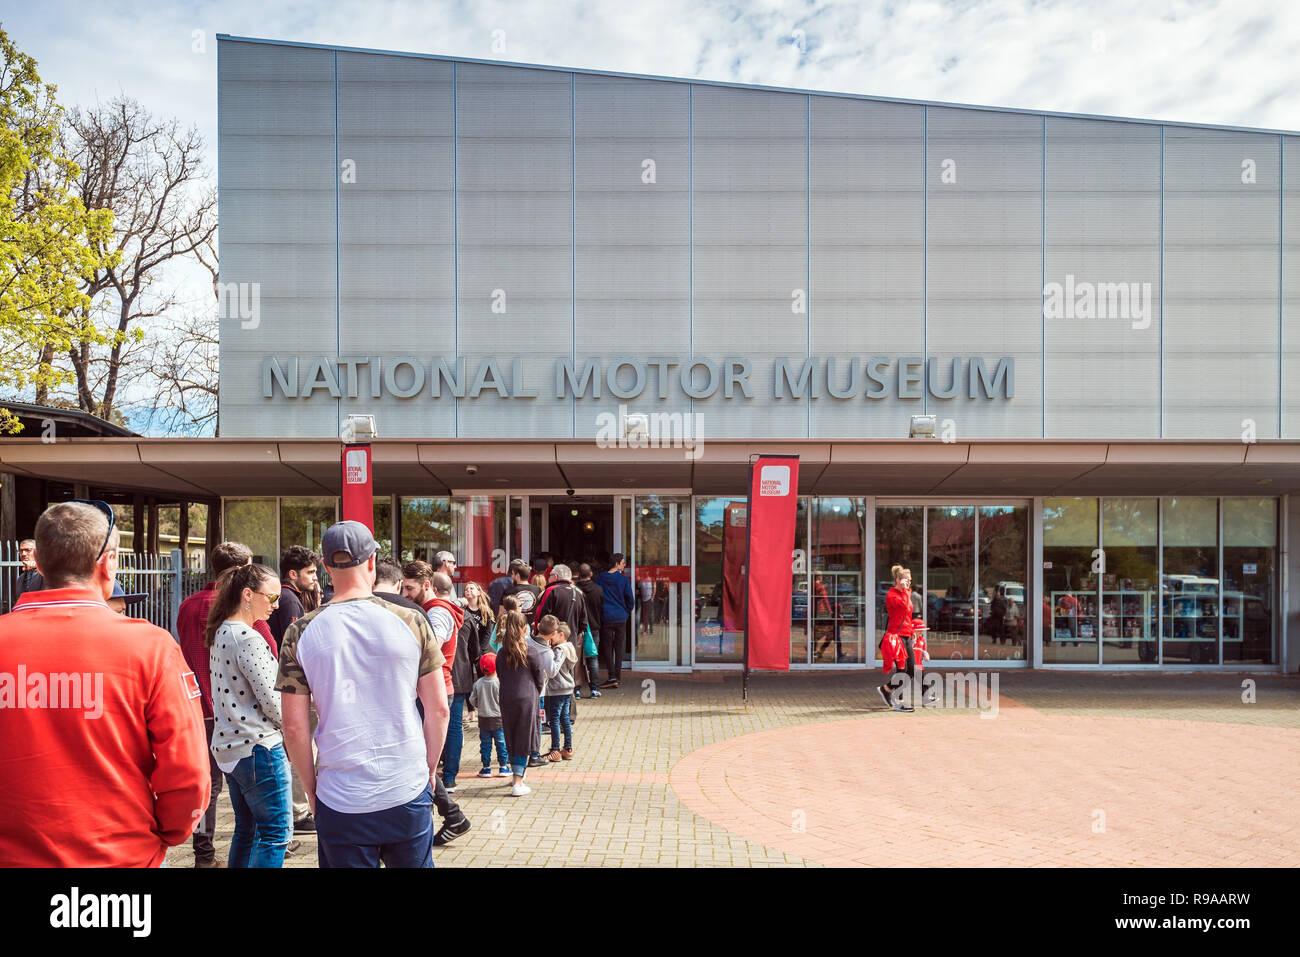 Birdwood, Südaustralien - September 10, 2017: Die Menschen in Warteschlange eingereiht am Eingang zum National Motor Museum von South Australia an einem Tag Stockbild